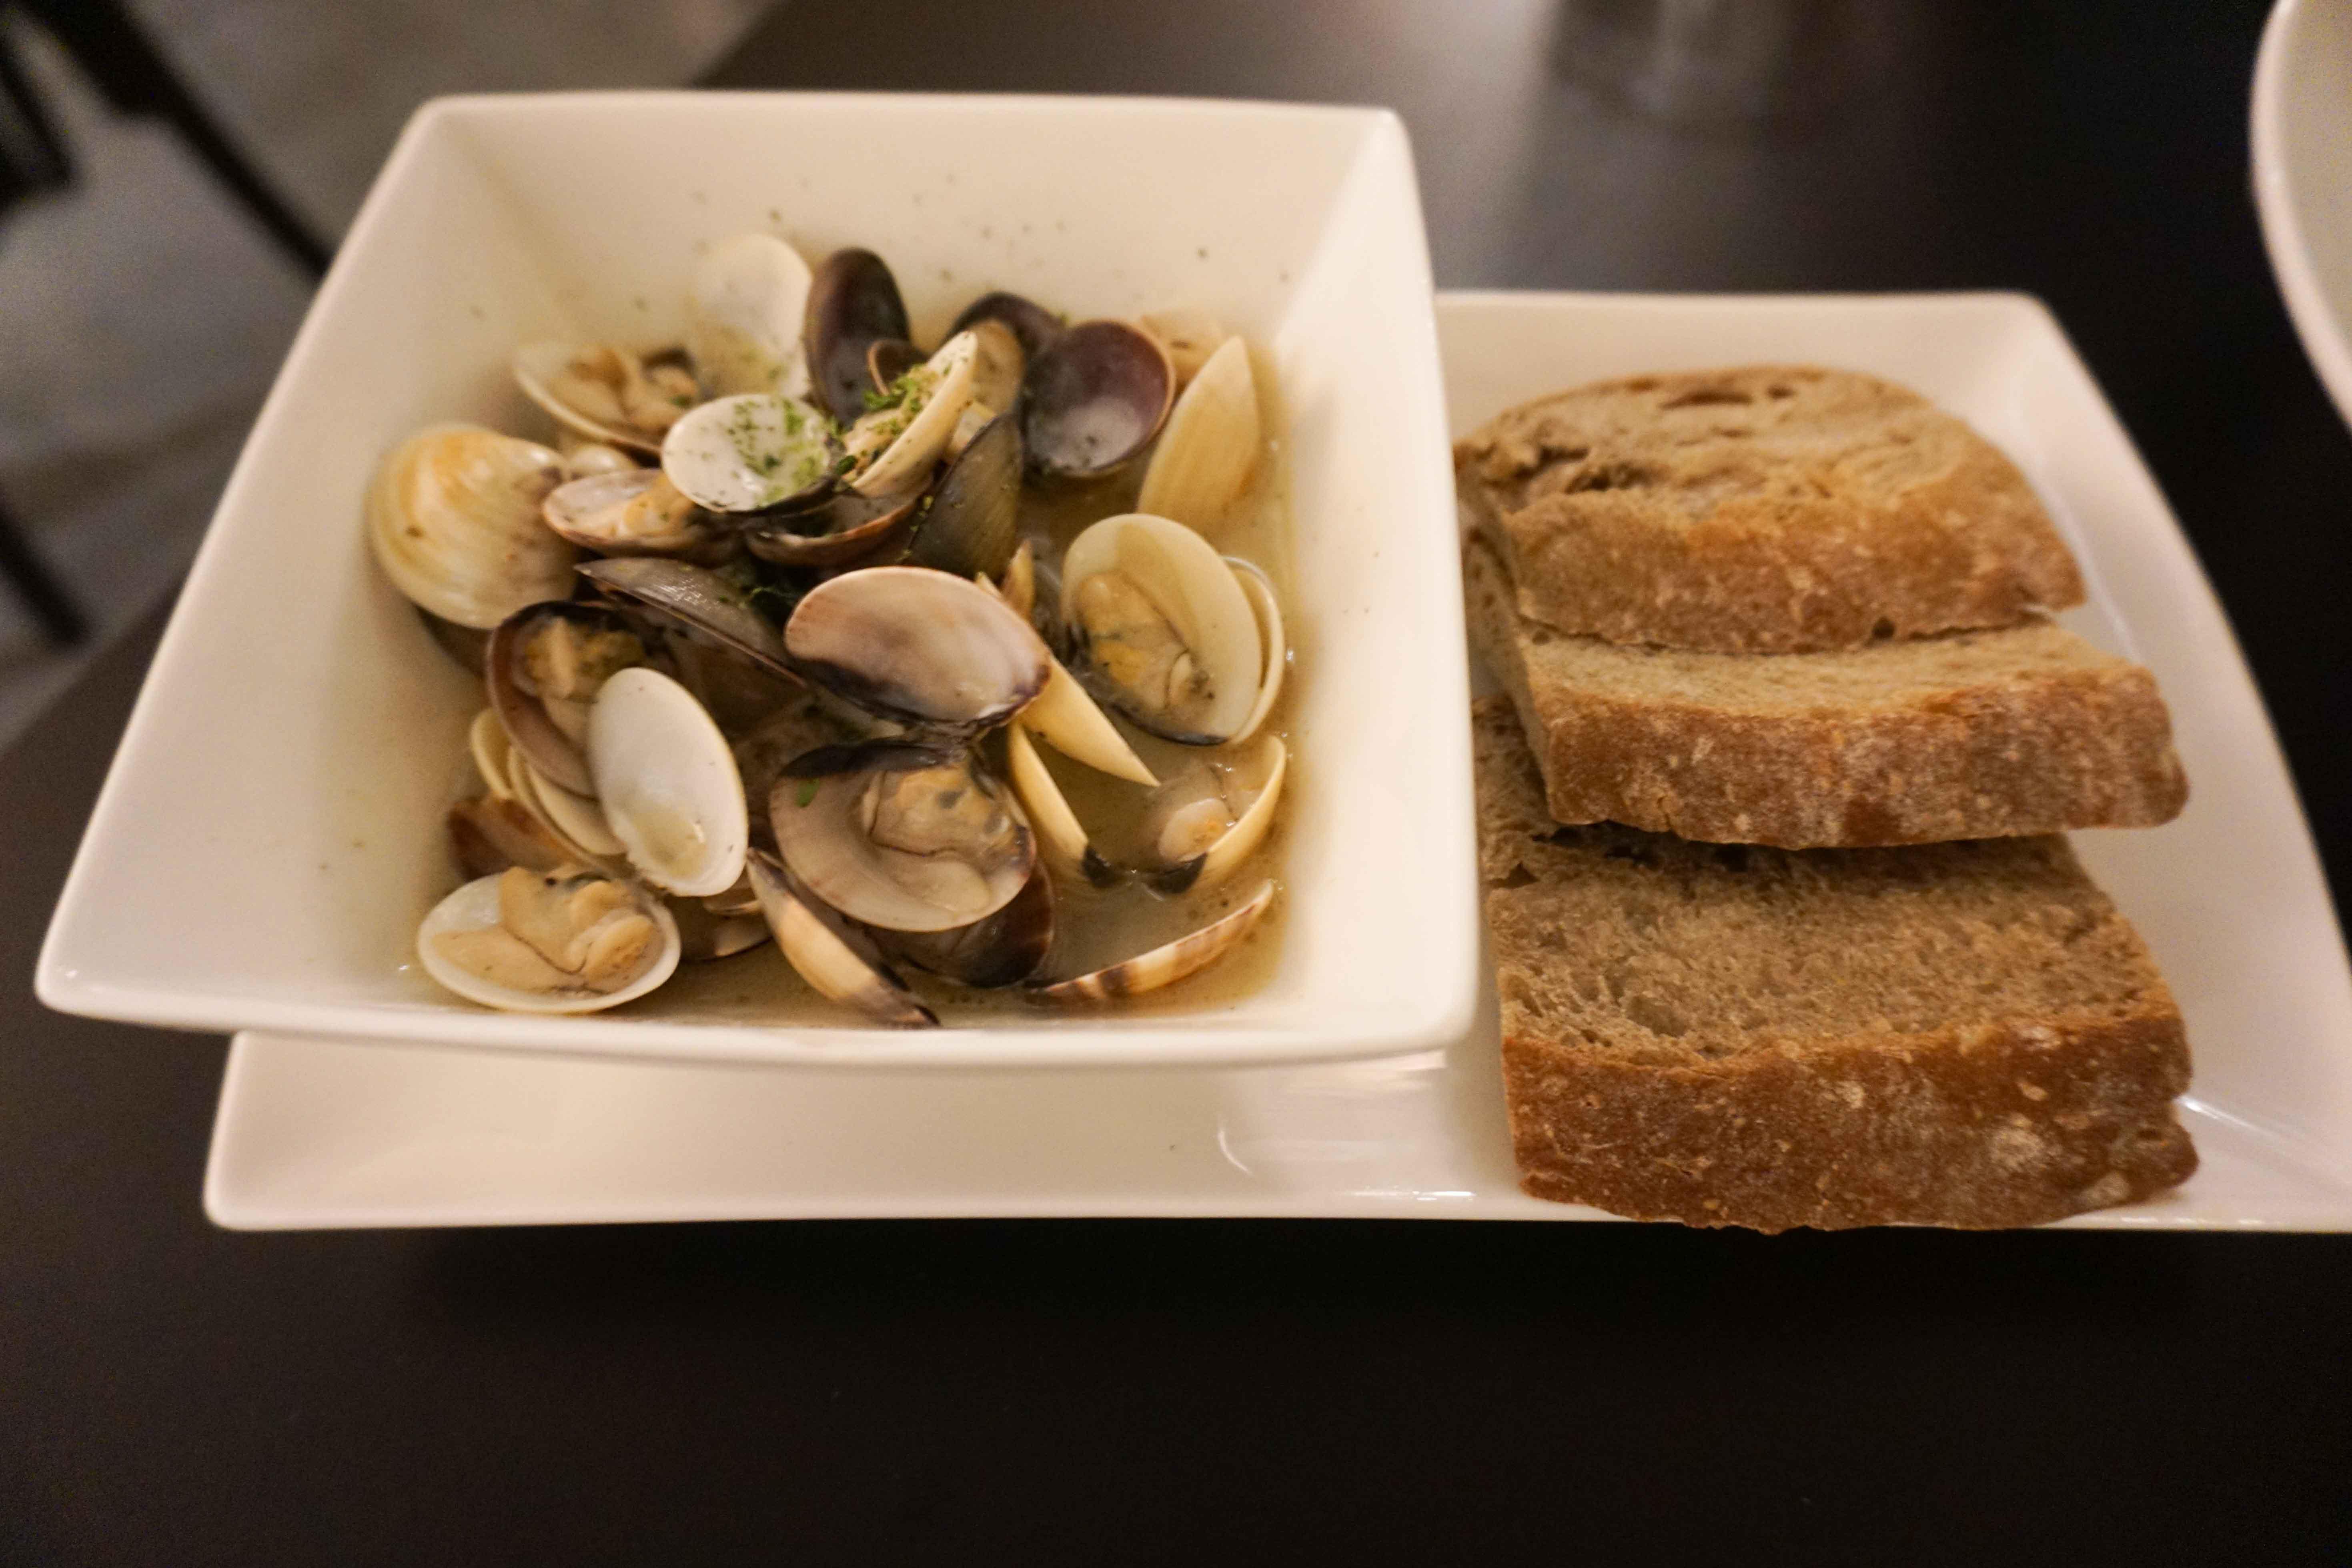 Georgetown wines clams